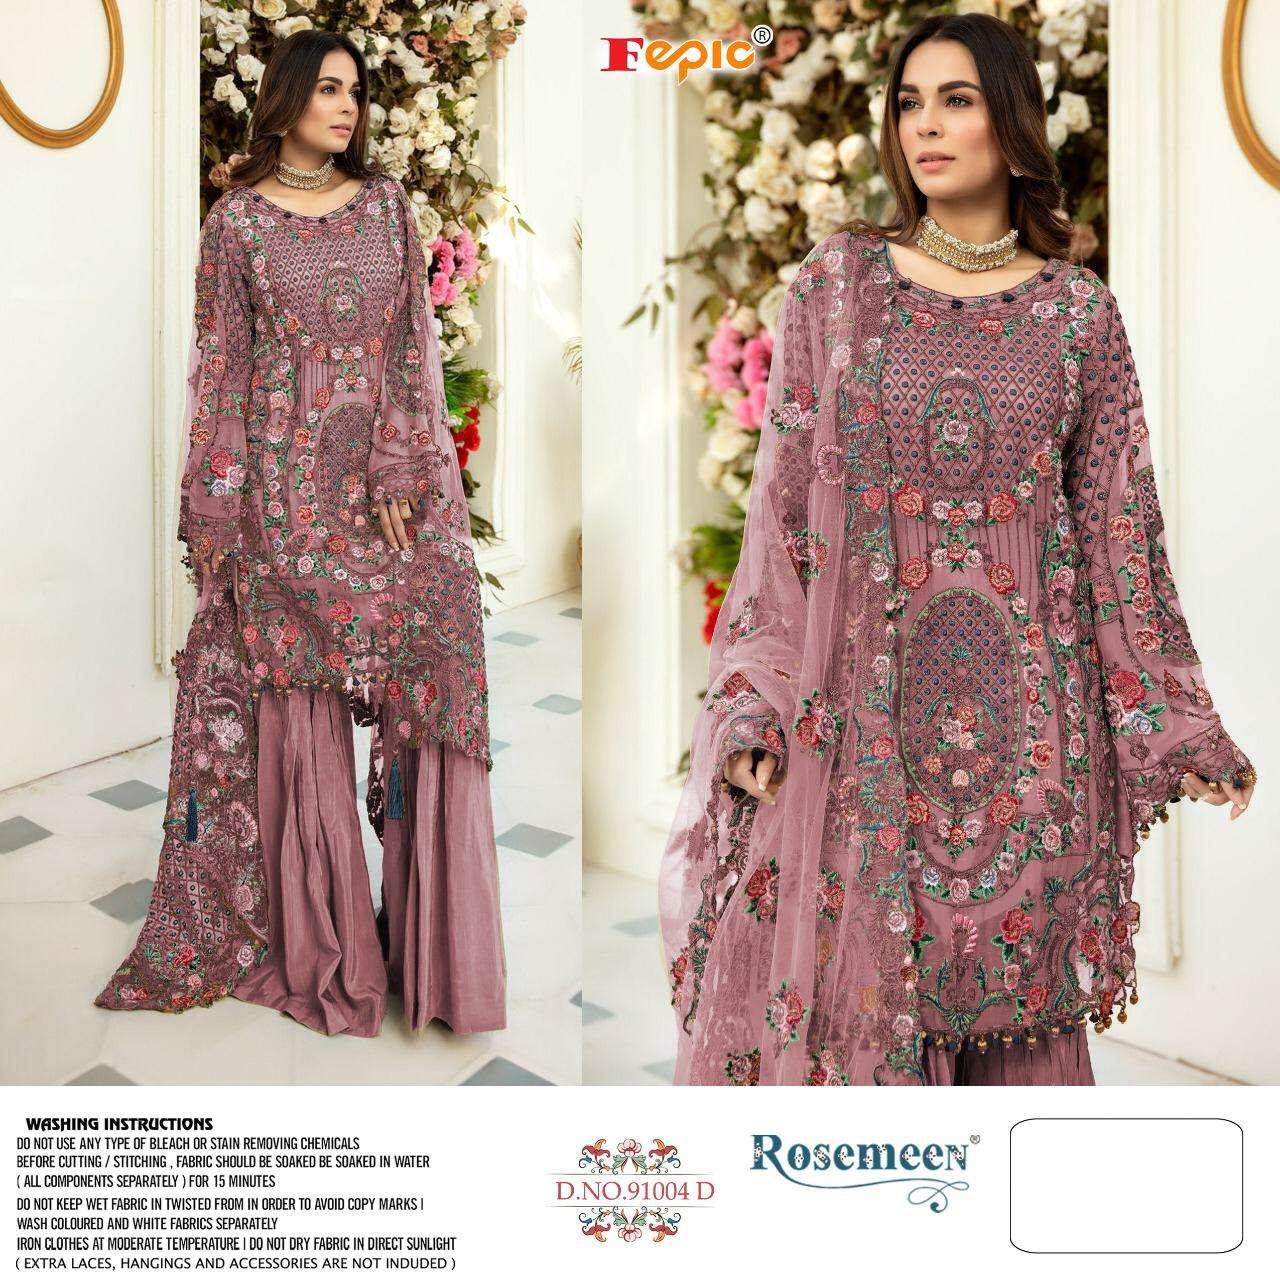 Fepic Rosemeen 91004 Colors Fancy Pakistani Suit Catalog Wholesale Price